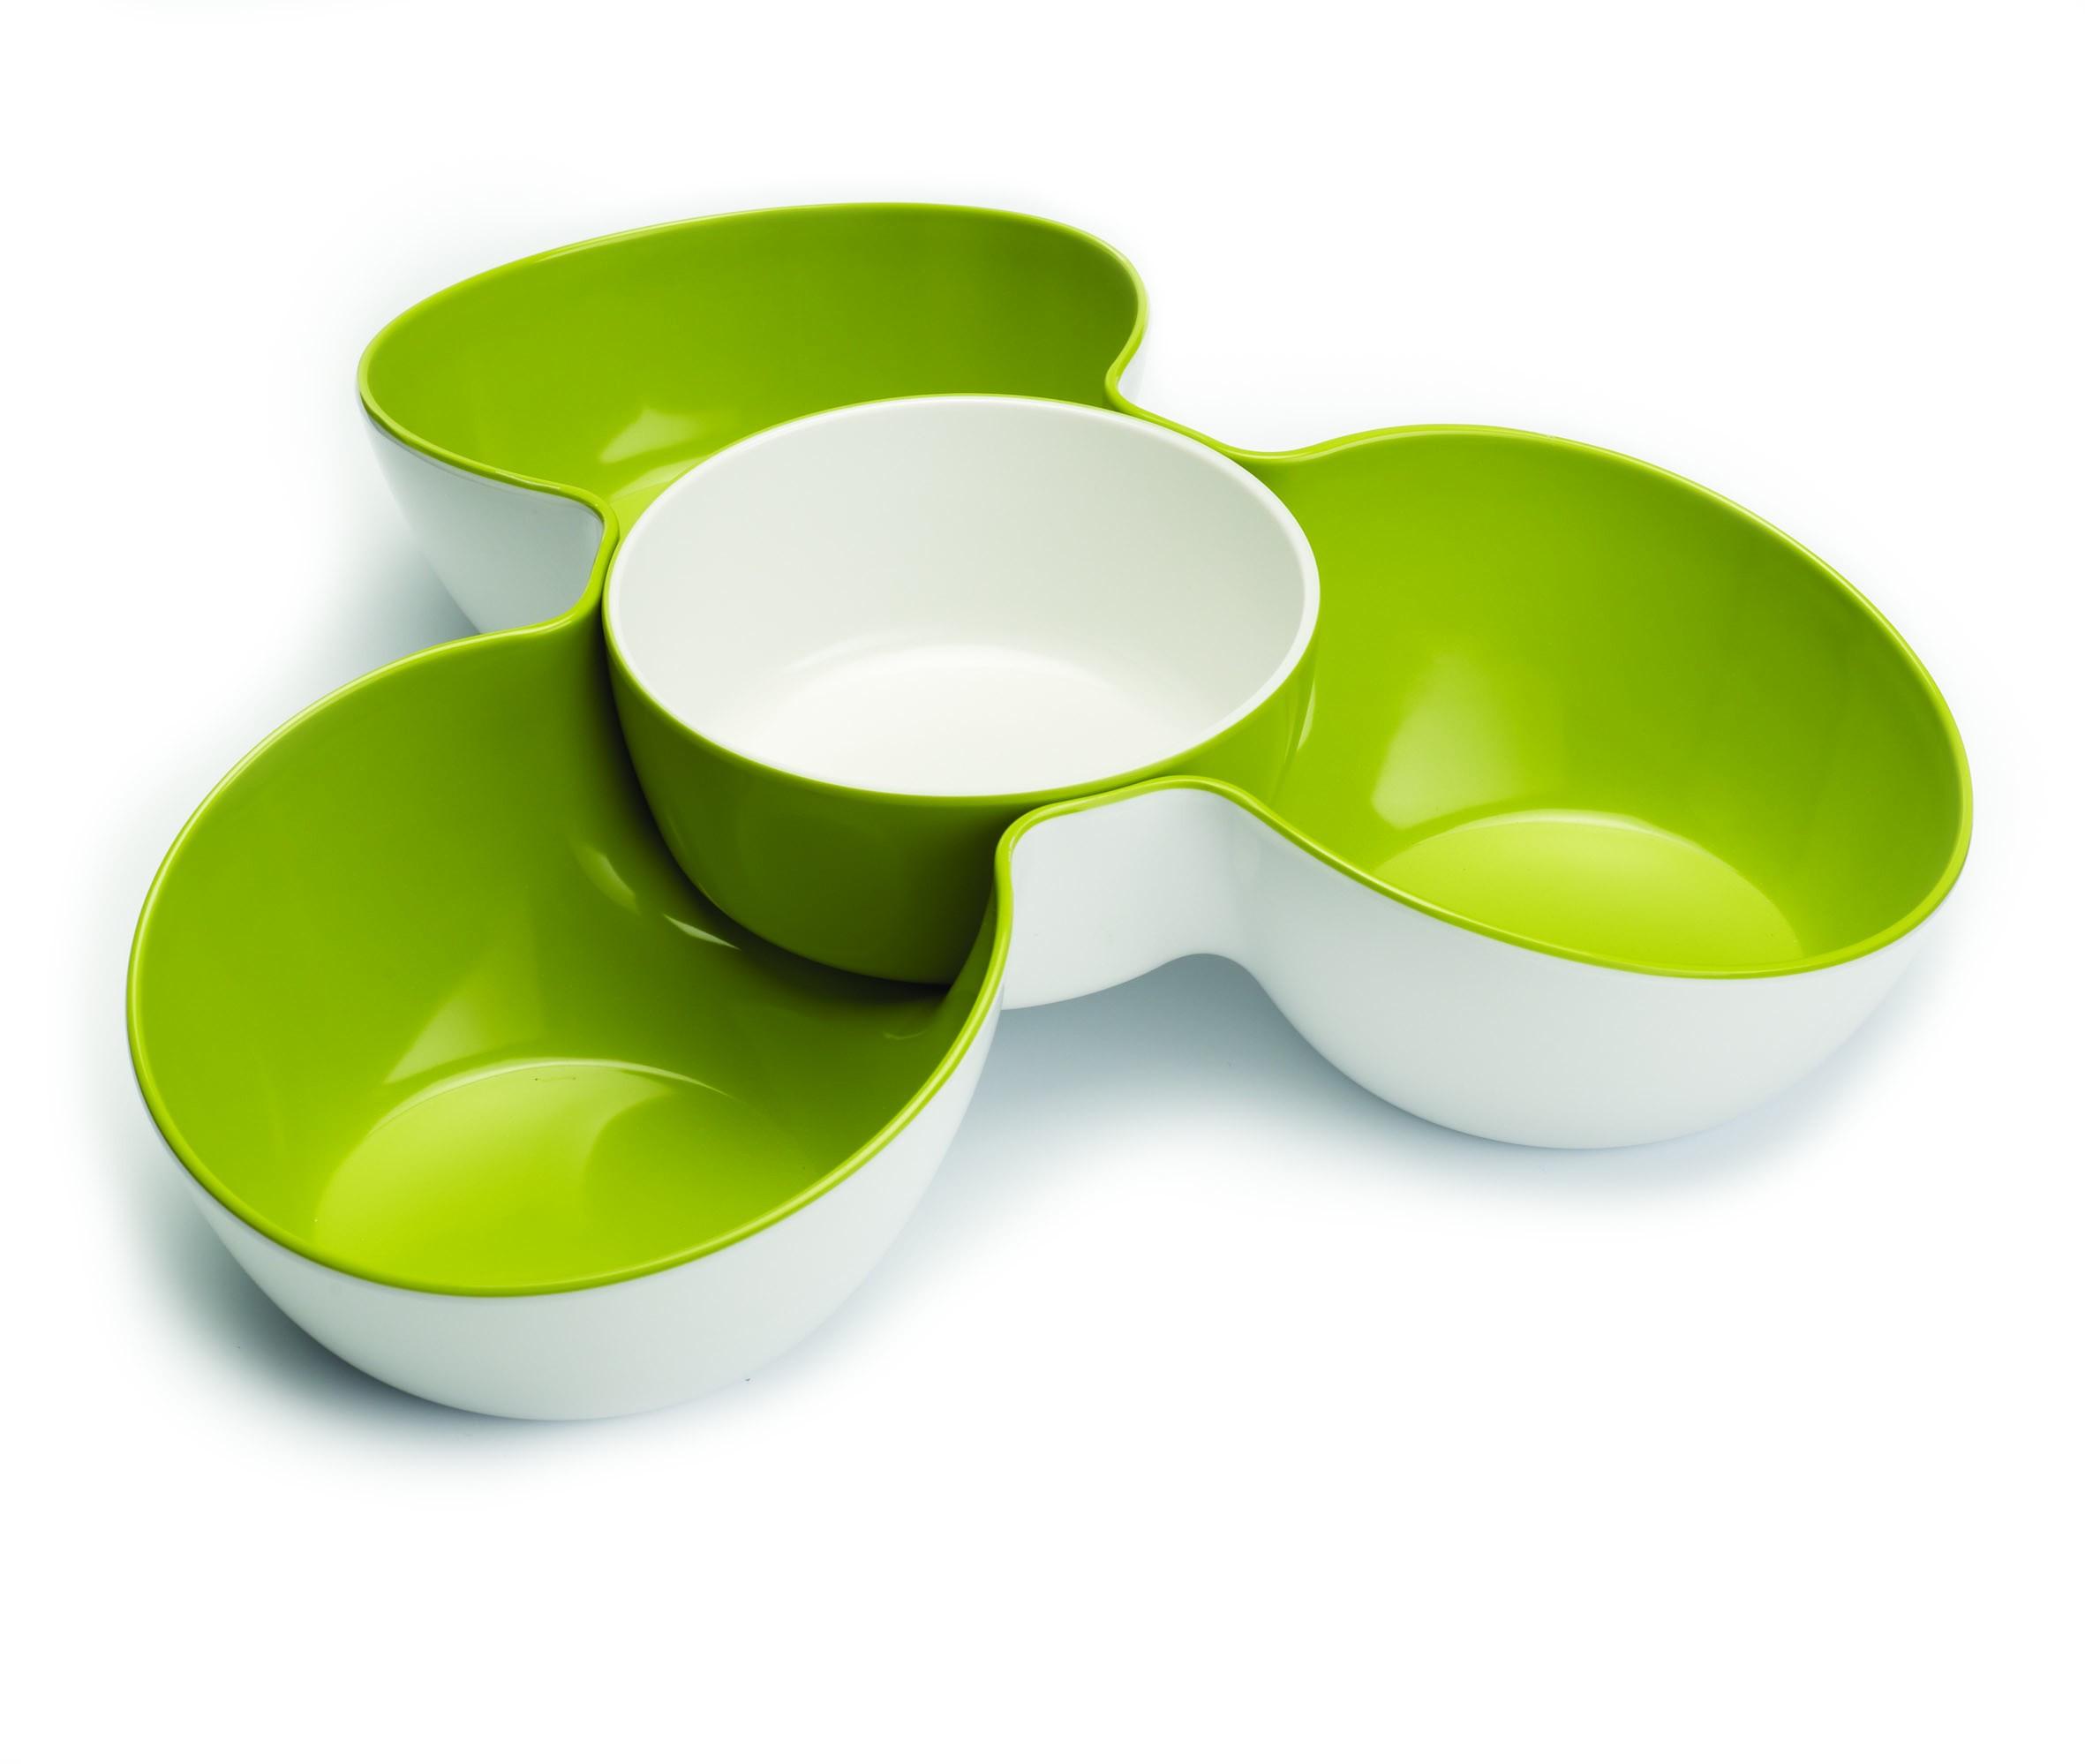 Joseph Joseph Triple Dish Multi-Bowl Serving Dish - White